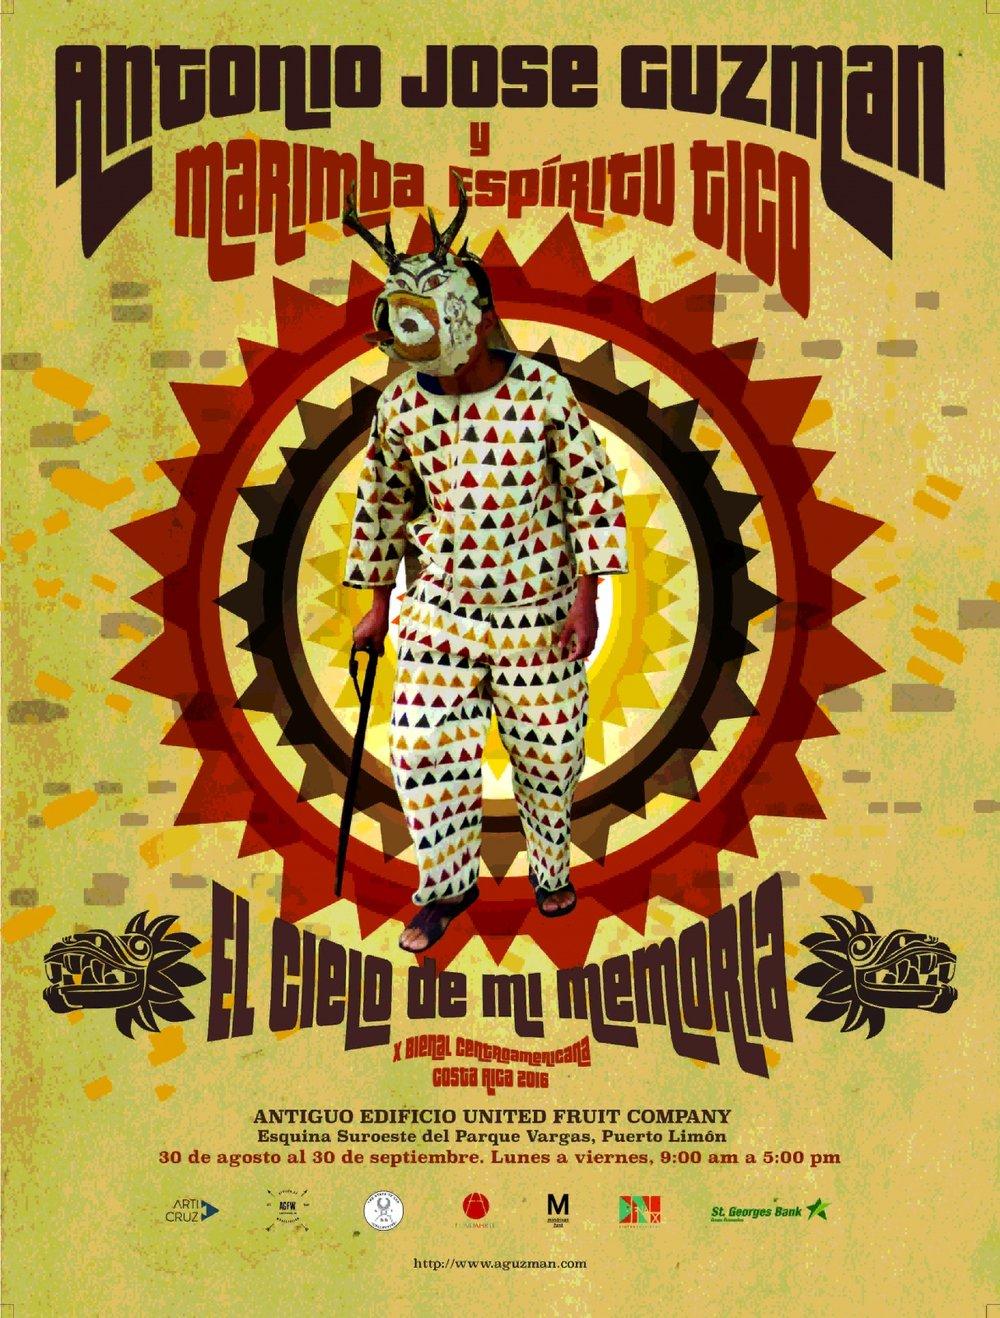 antonio_jose_guzman_poster_web_bavic.jpg